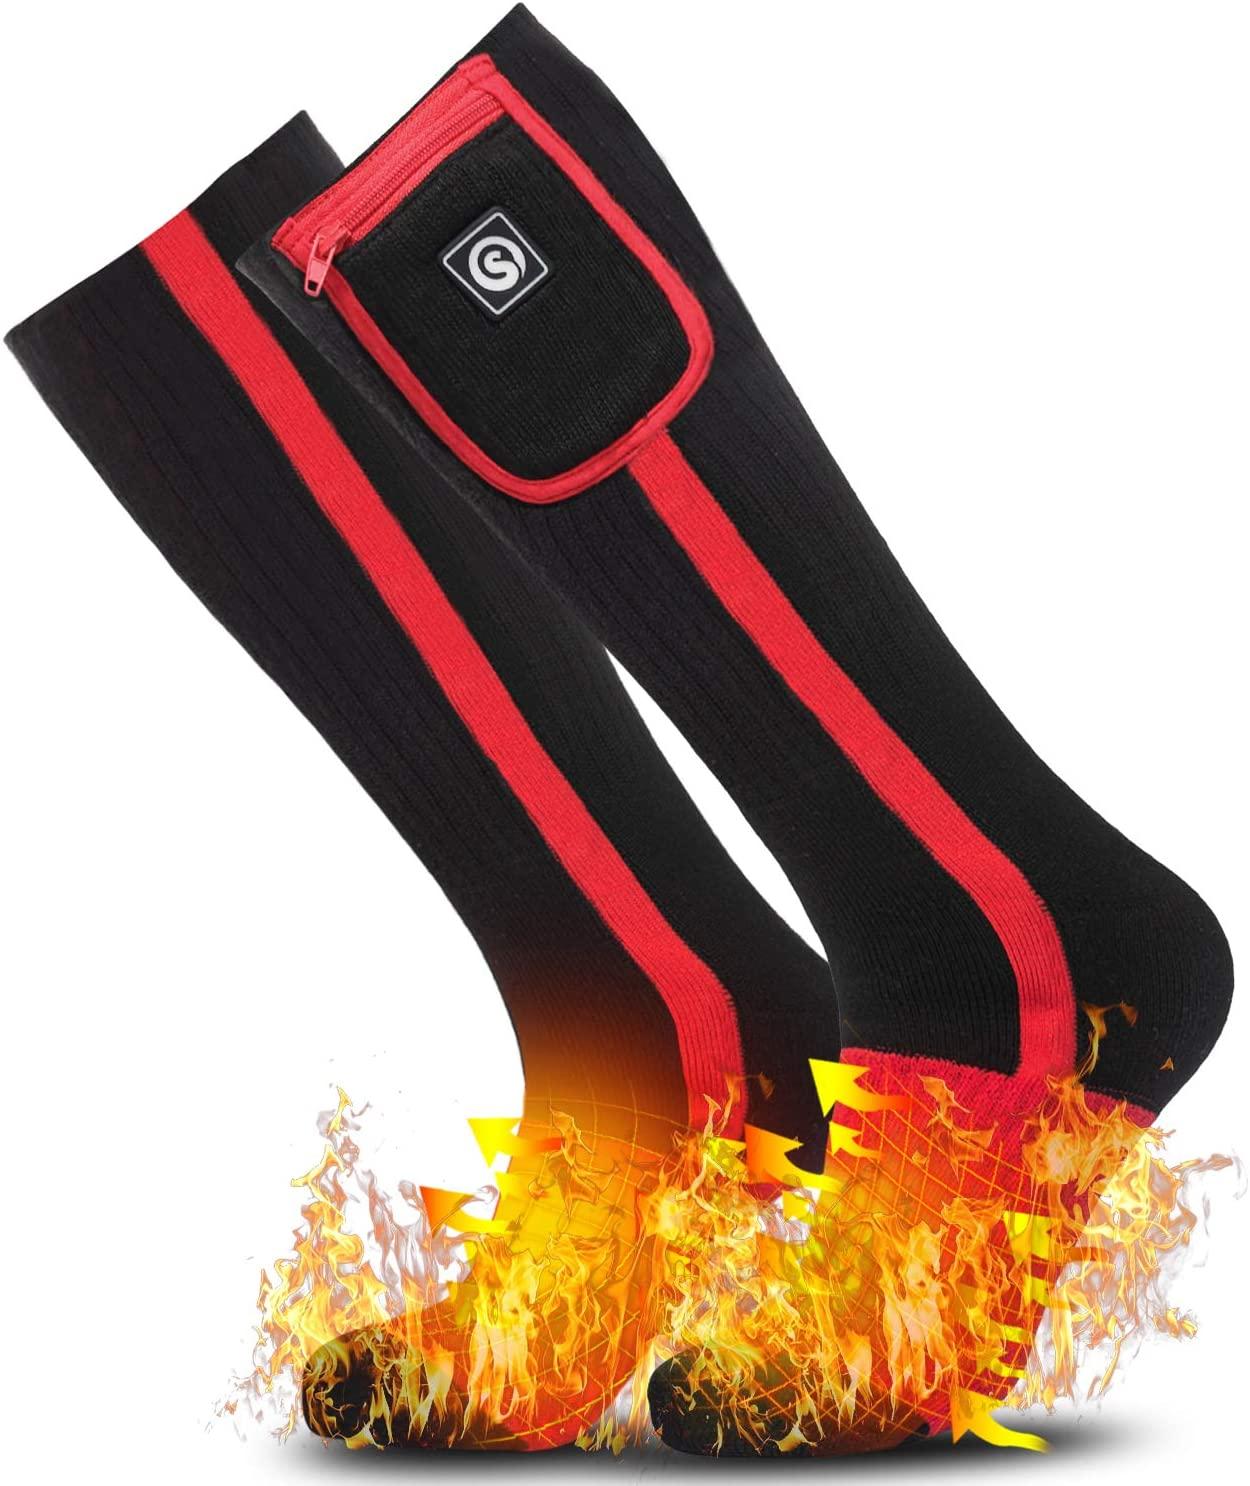 Bezdoteku Vyhrievané ponožky podkolienky Savior BR čierne vel. M